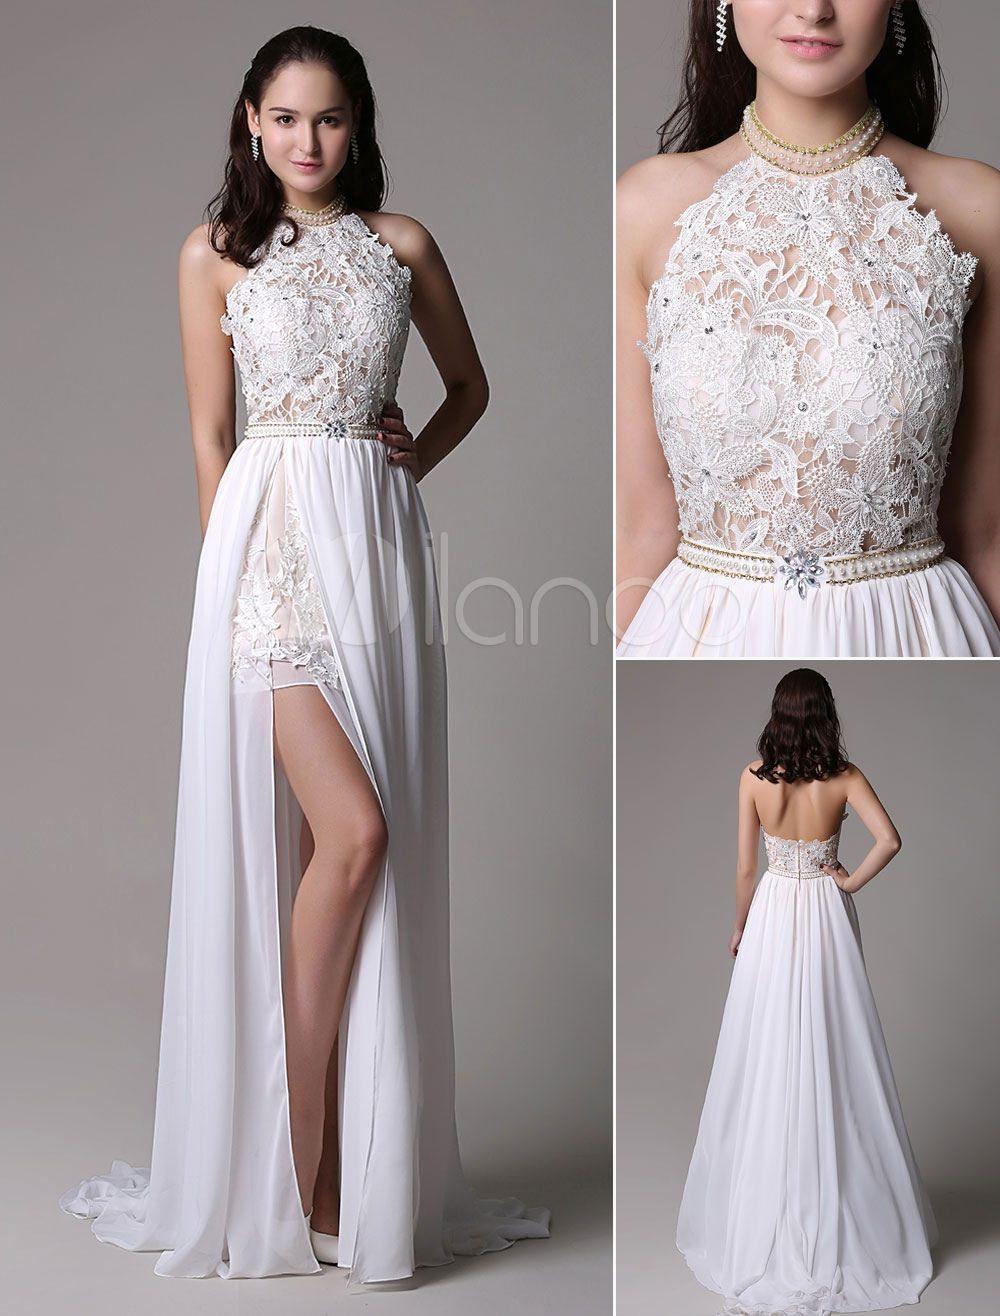 Formal Elegant Abend Kleid In Weiss Bester PreisDesigner Großartig Abend Kleid In Weiss für 2019